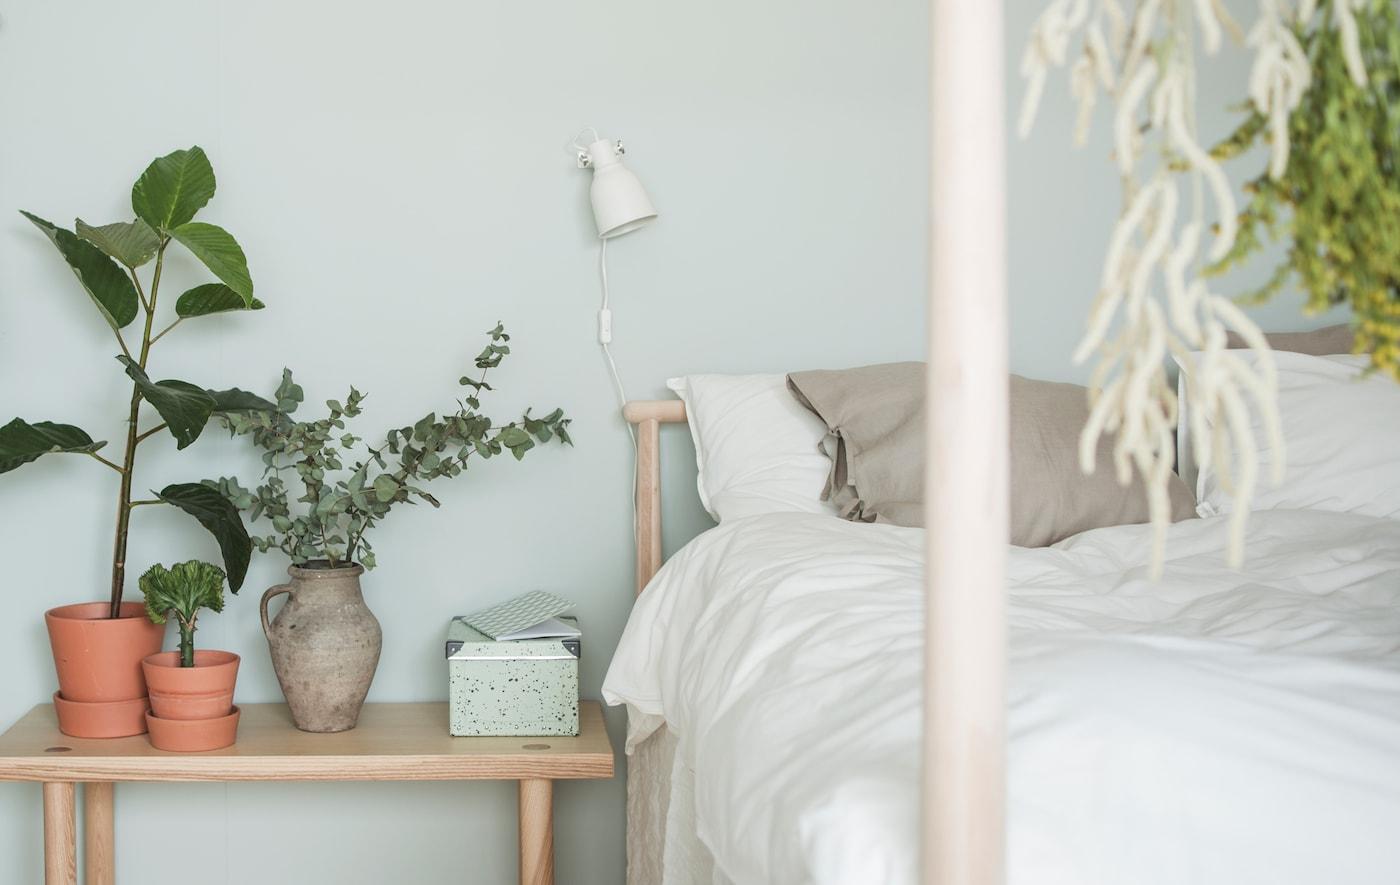 Schlafzimmer kuschelig gestalten: so geht's - IKEA Deutschland